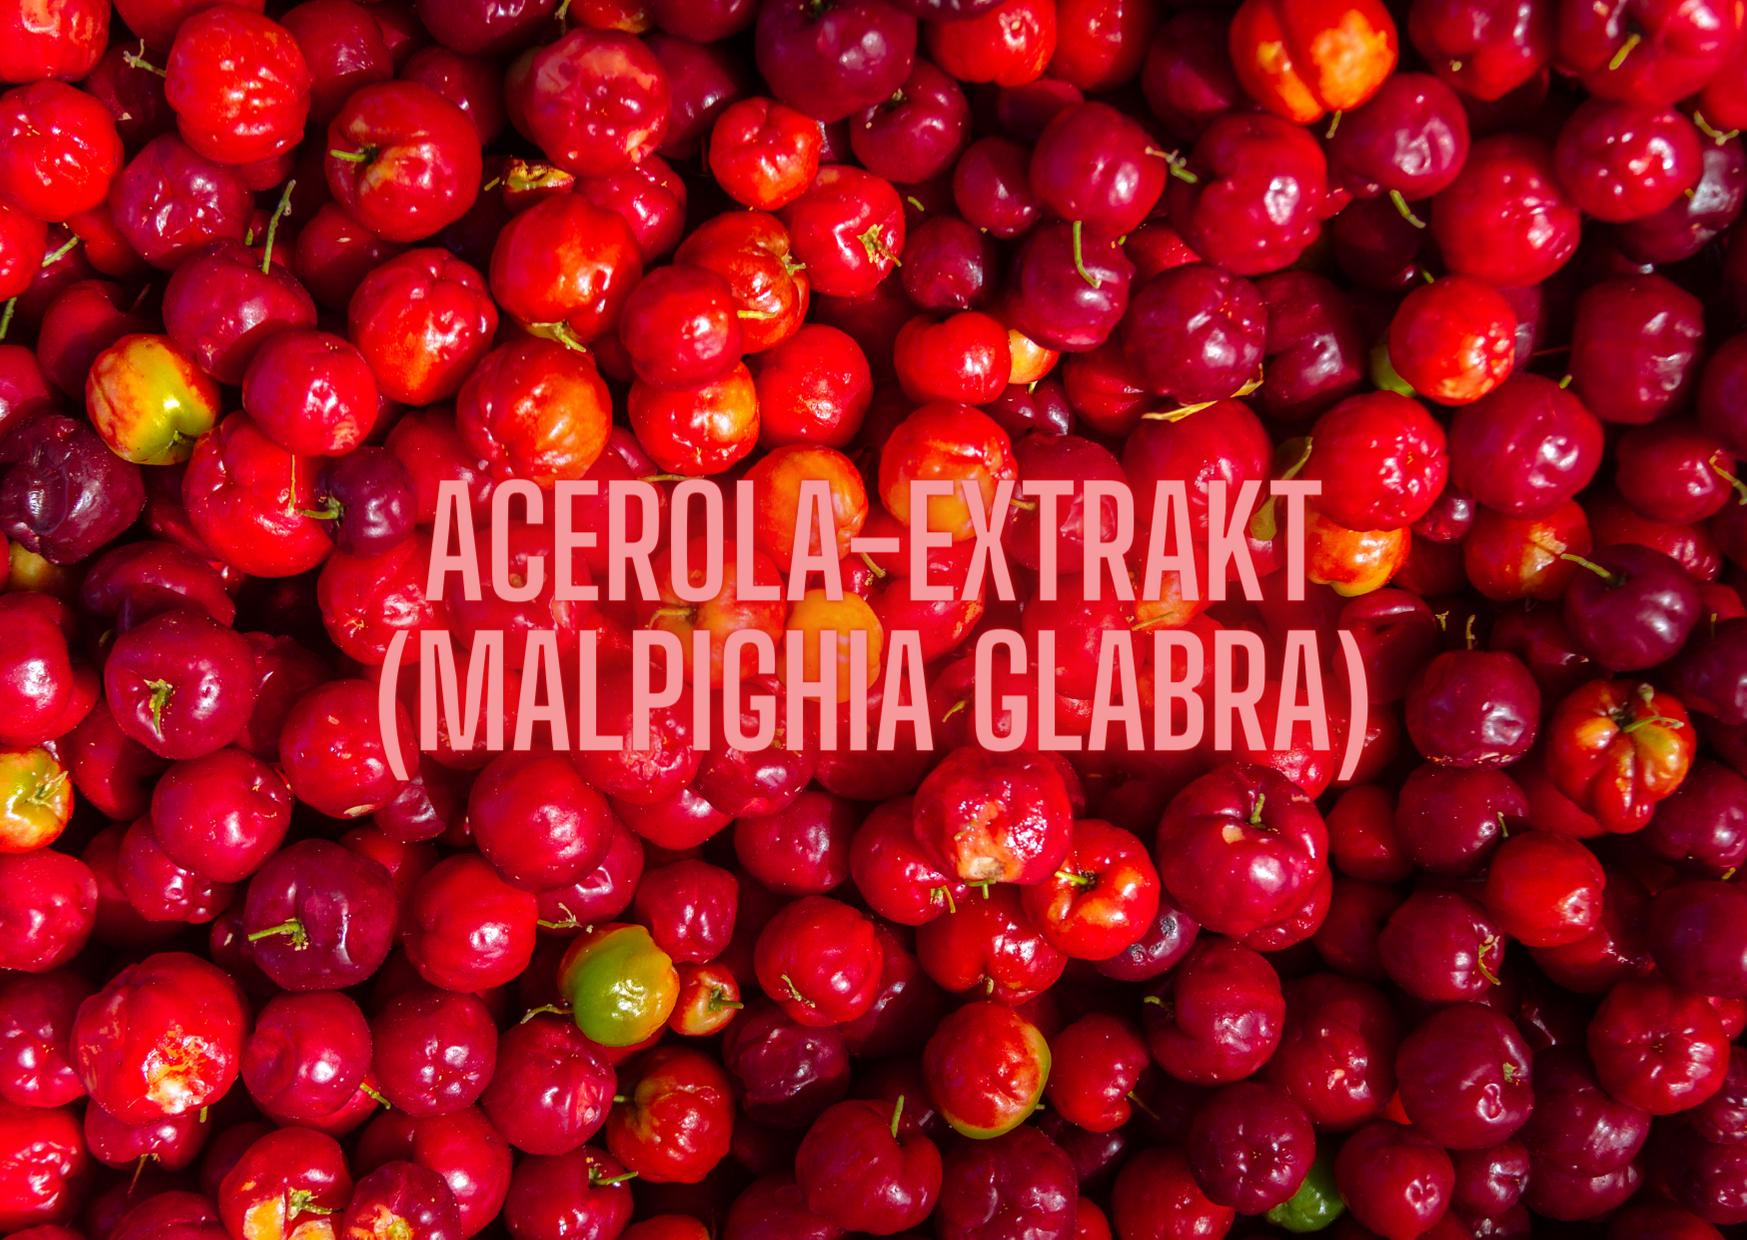 ACEROLA-EXTRAKT